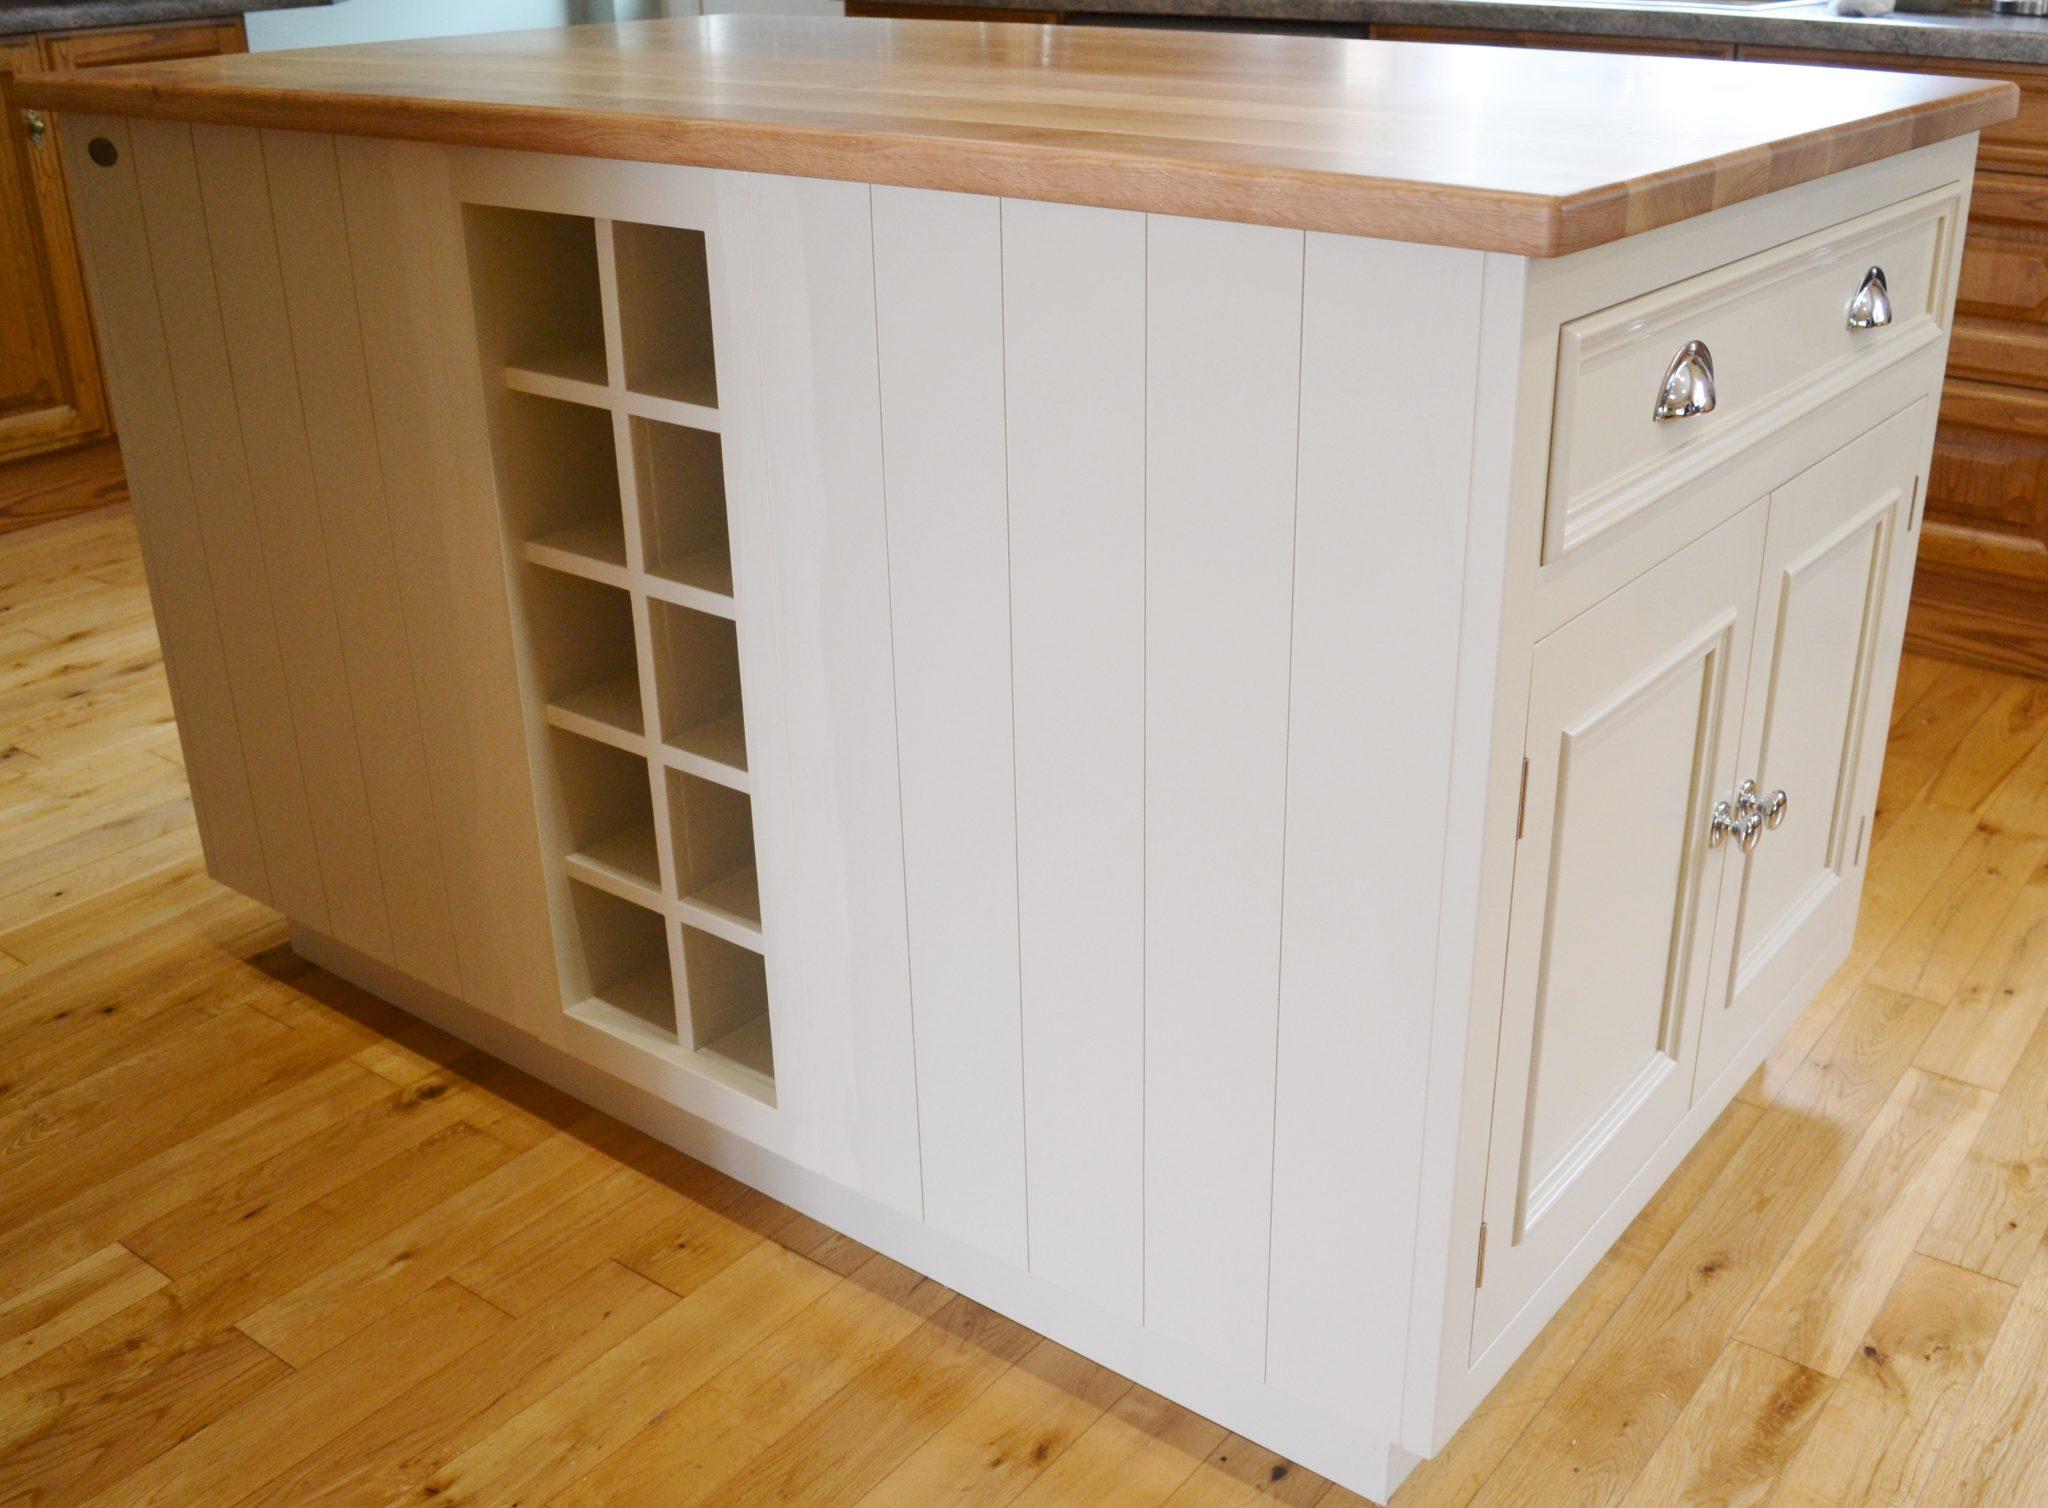 Deanery Bespoke Larder Furniture Kitchen Deanery